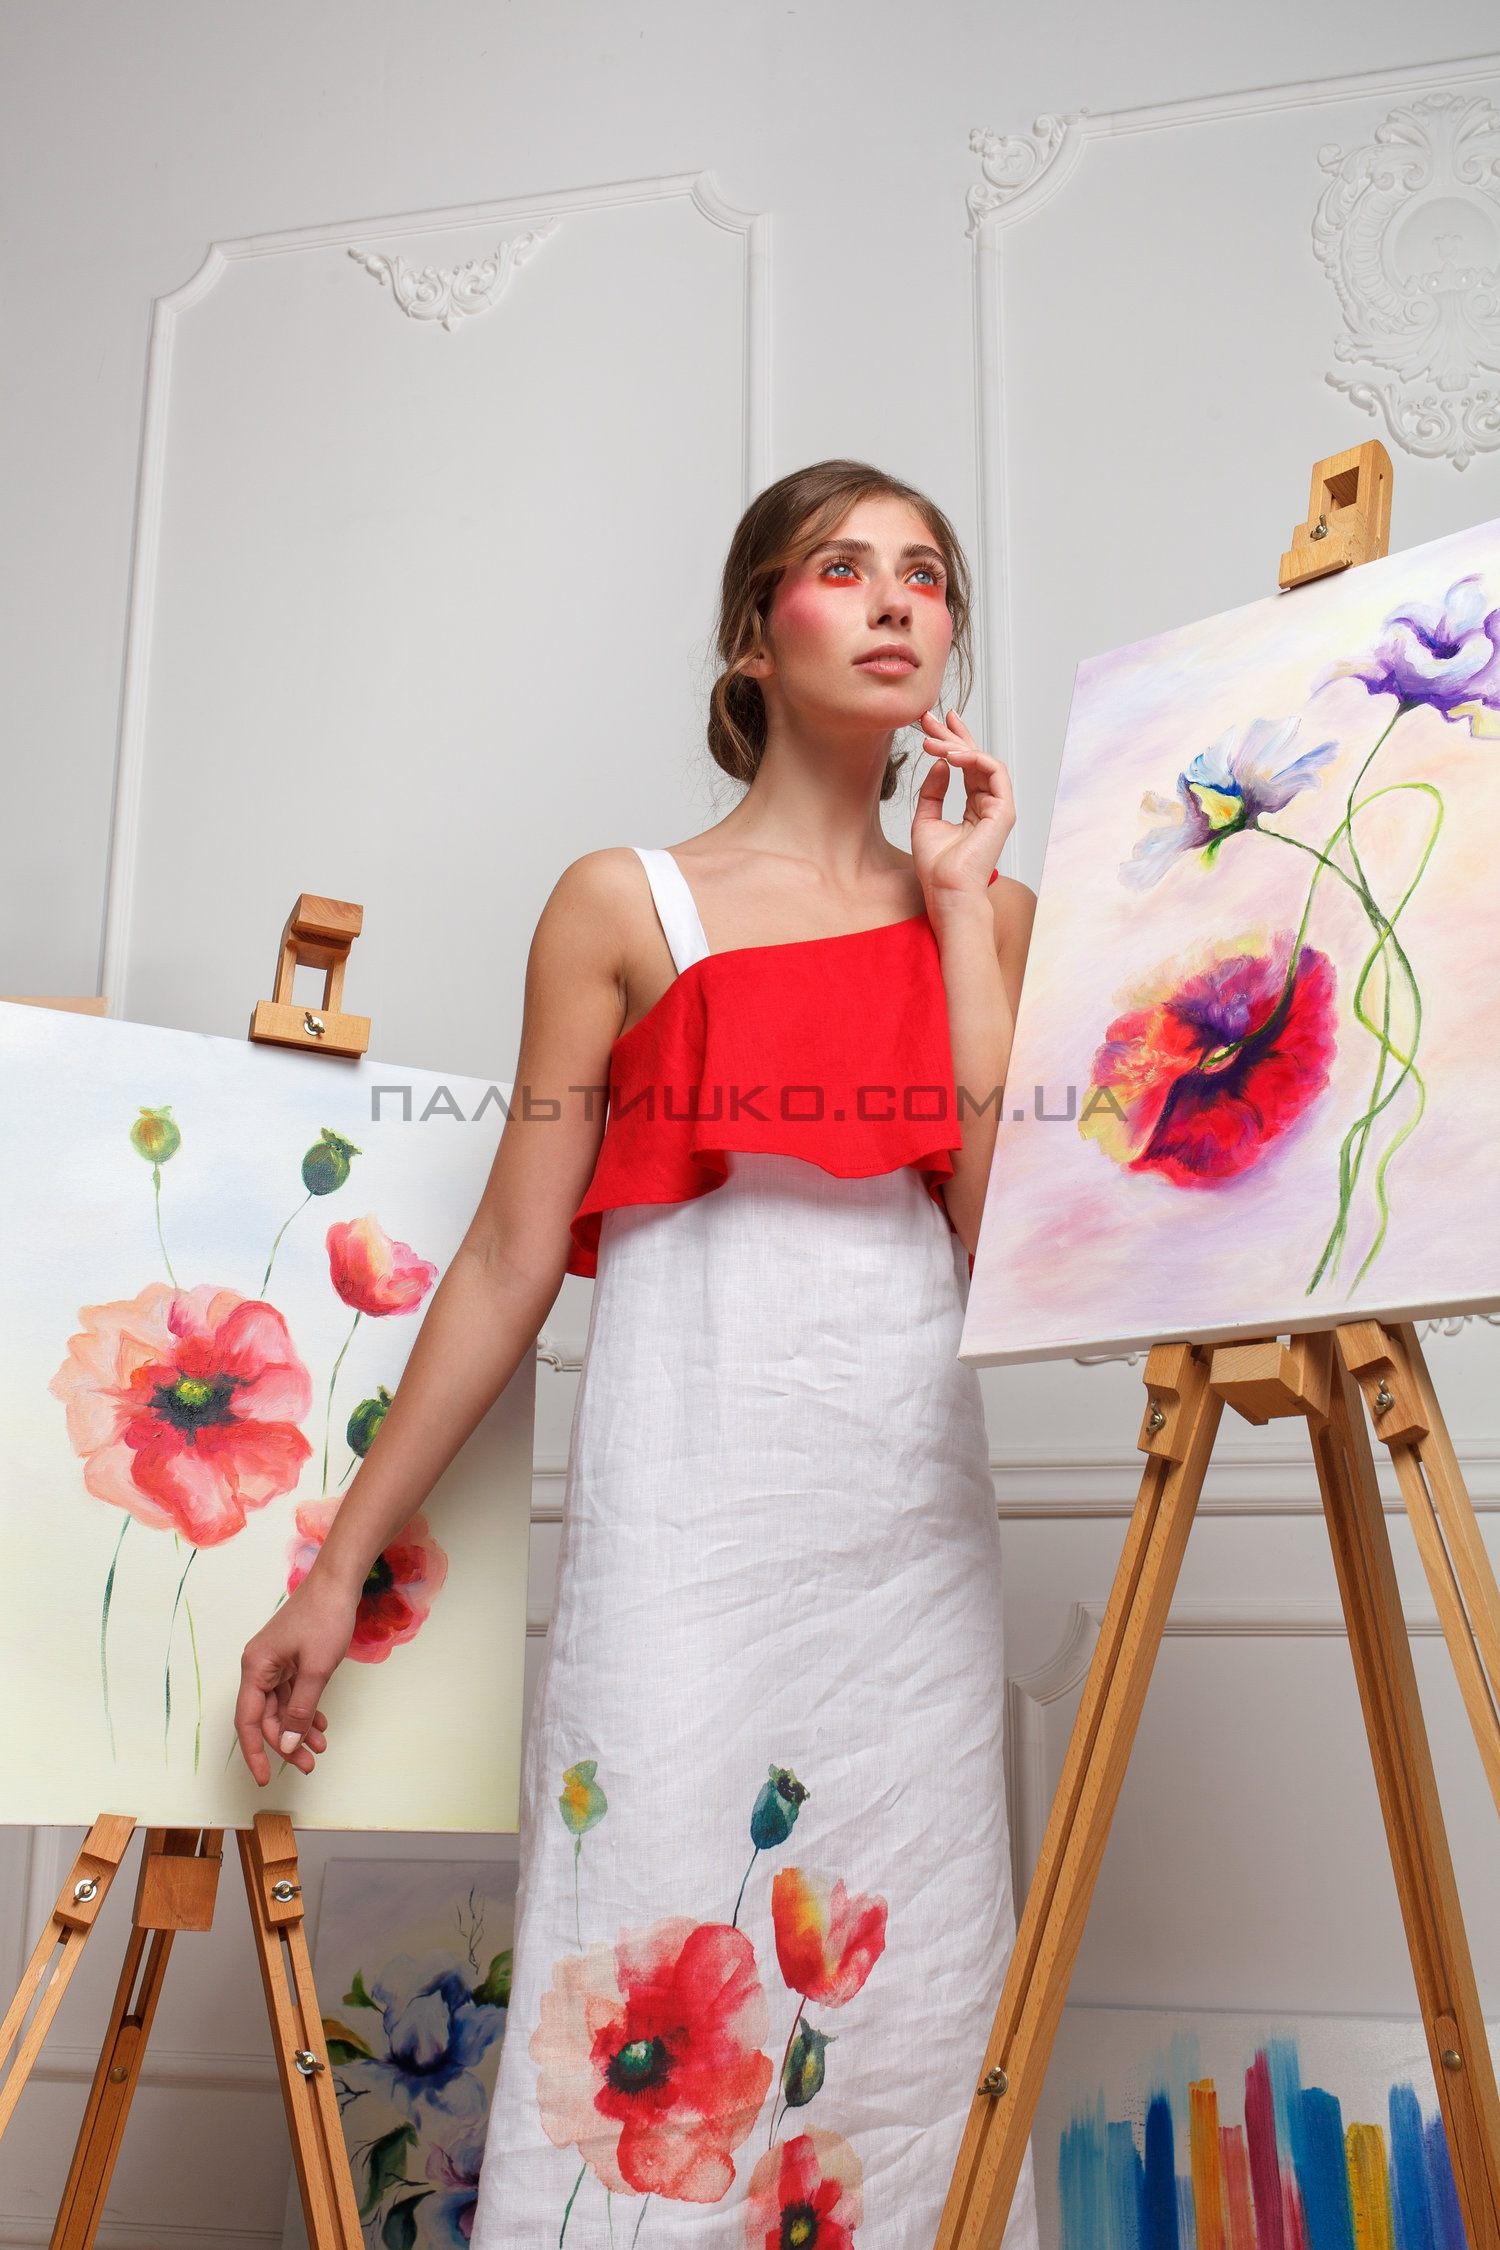 Платье красно-белое с маками